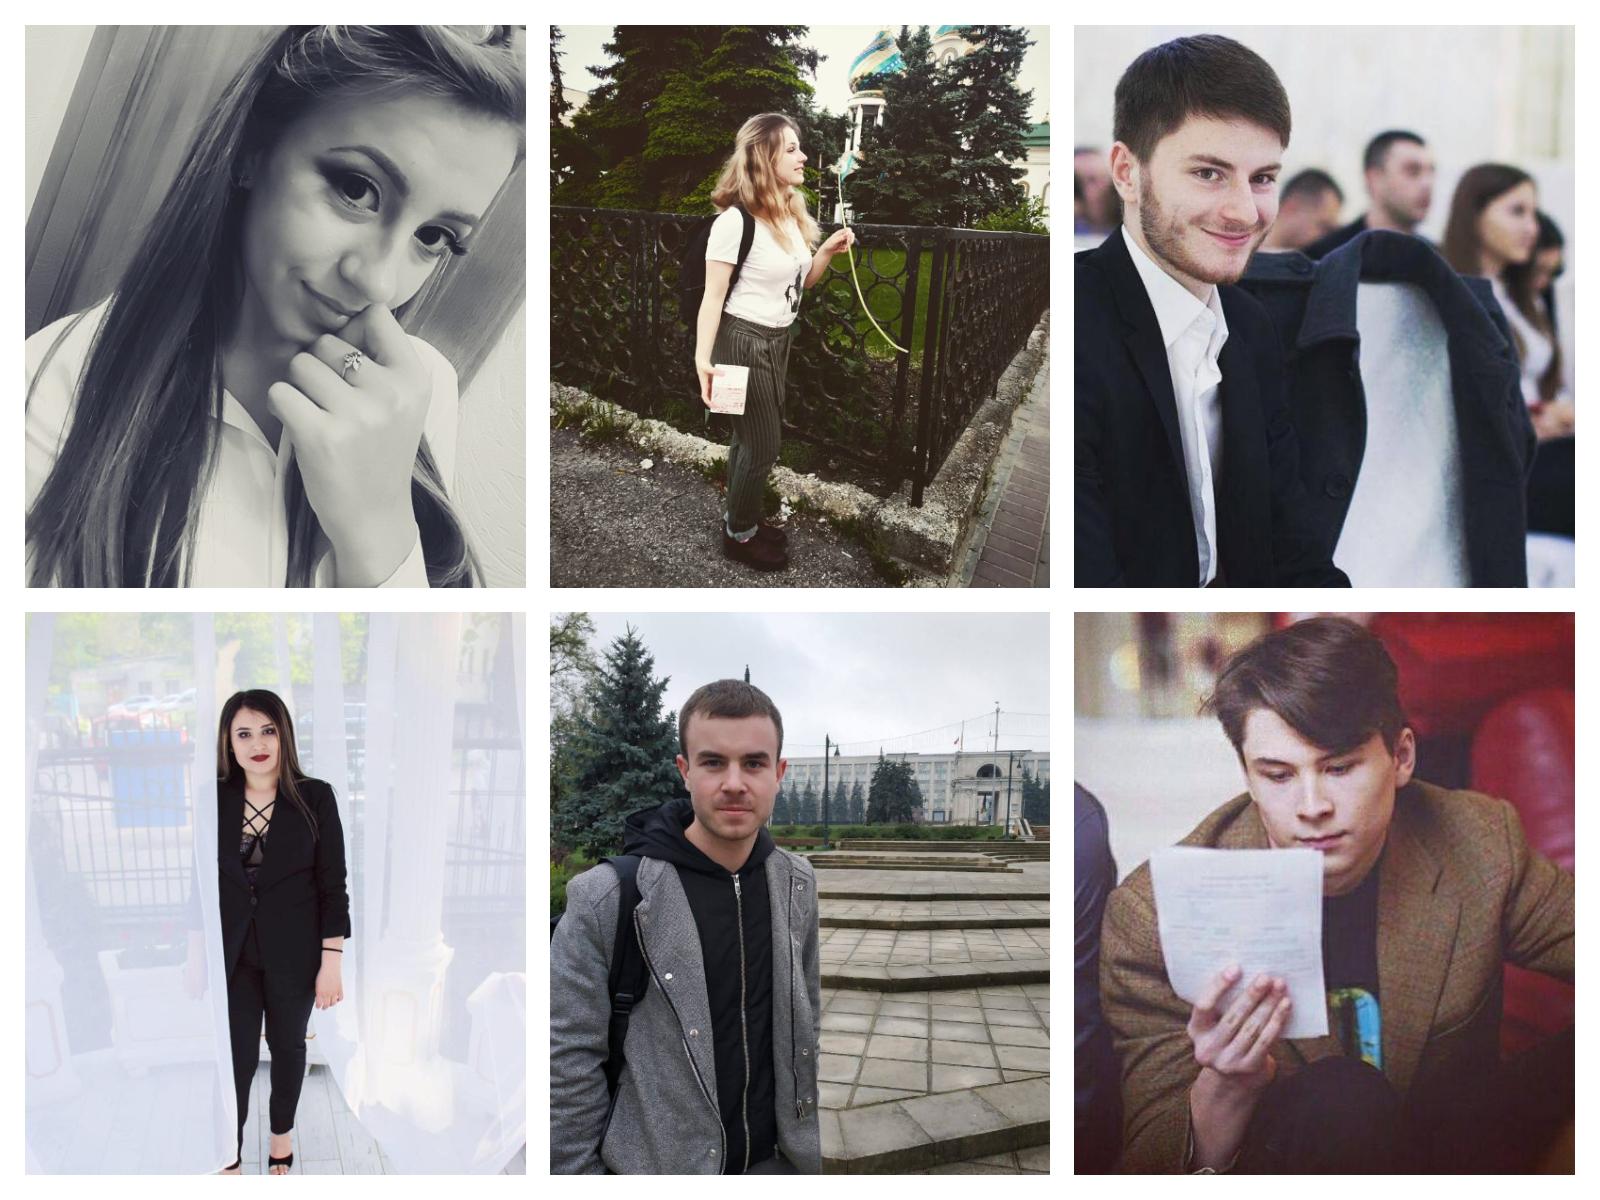 Unde își văd tinerii din Republica Moldova viitorul?